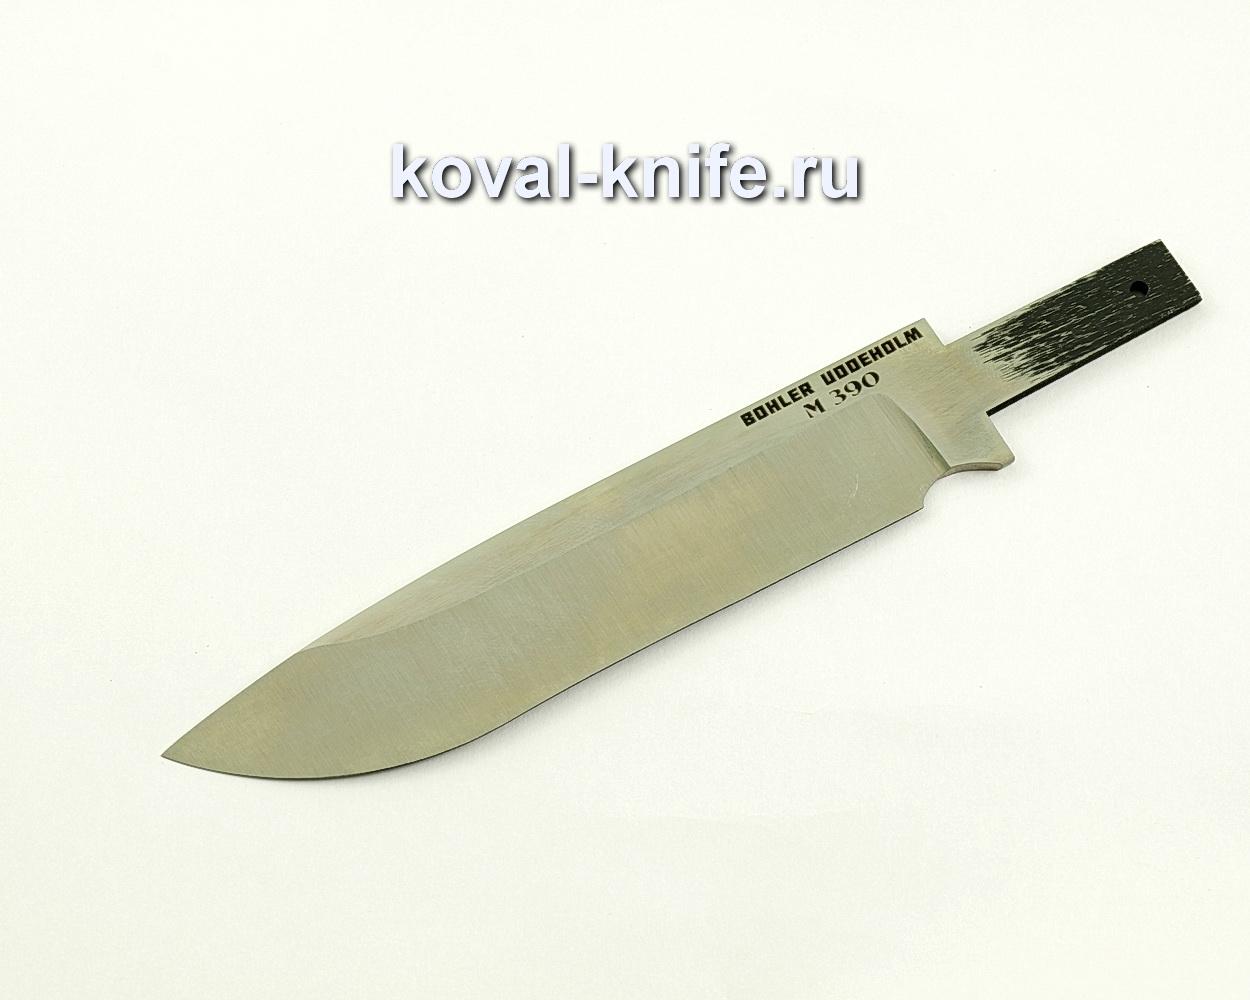 Клинок для ножа из порошковой стали M390 Турист